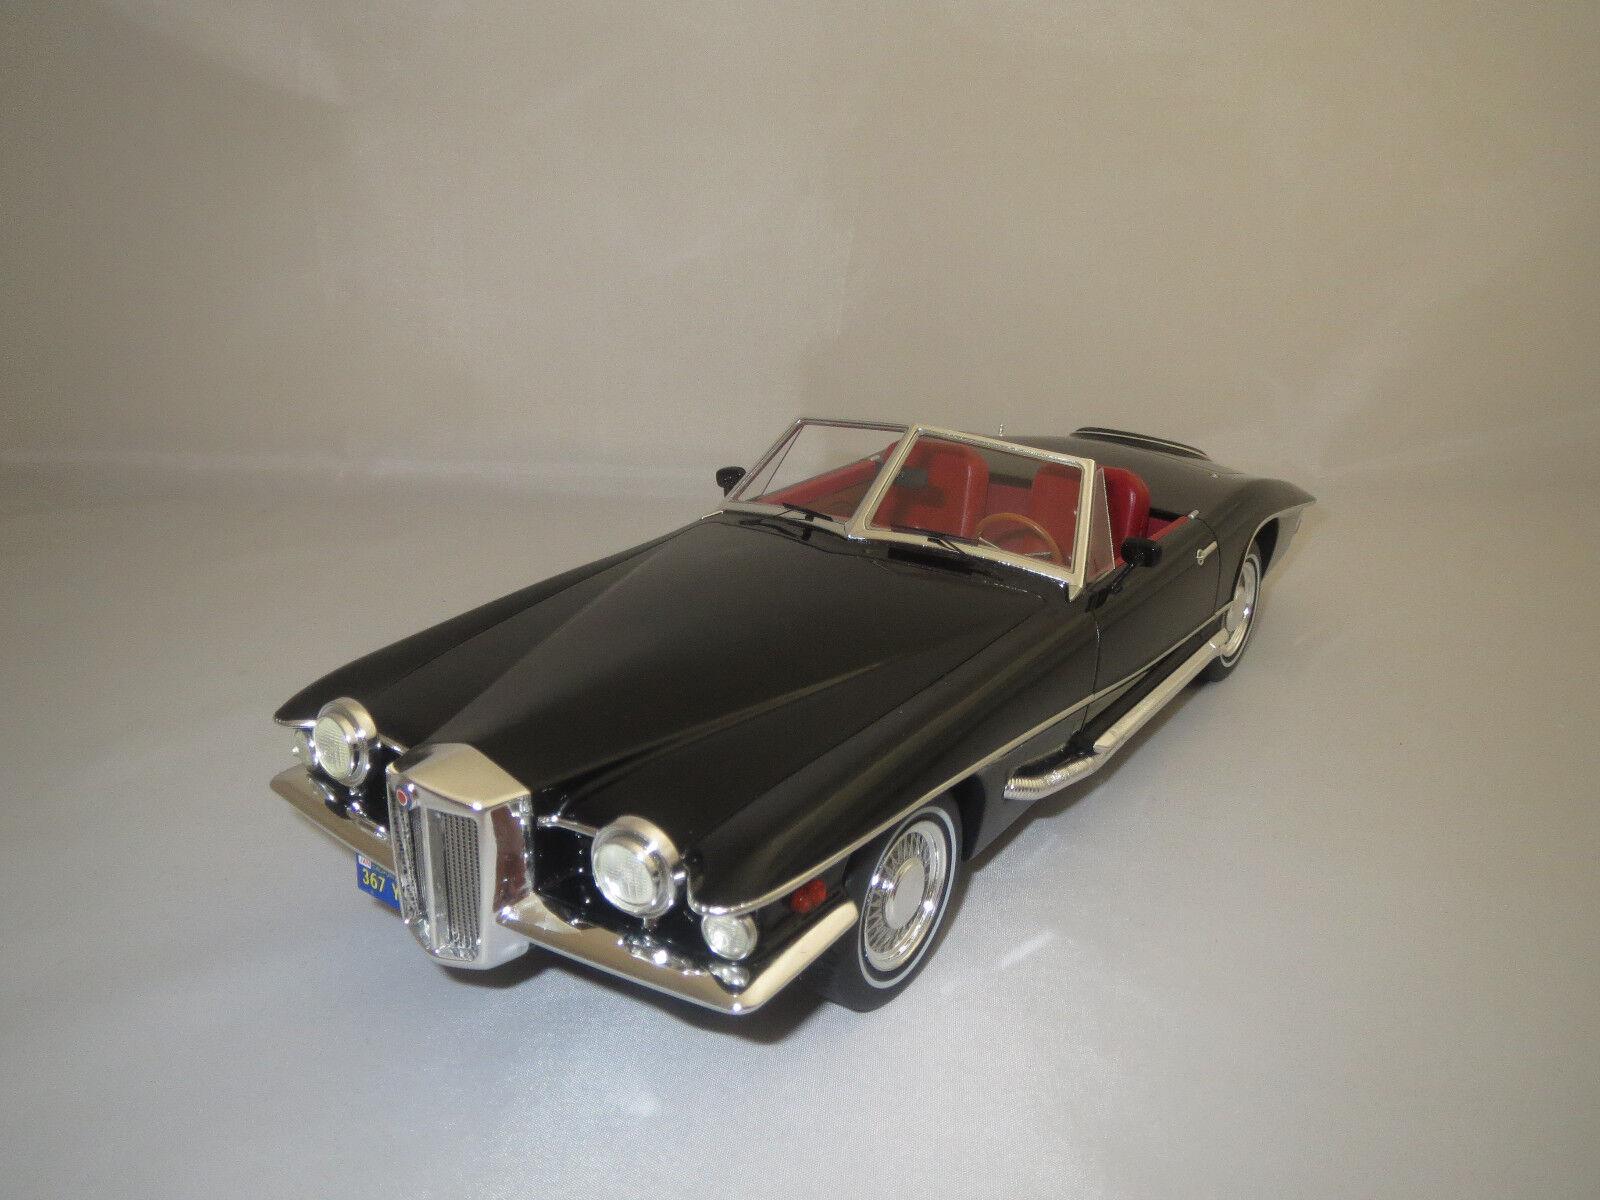 Premium IXO MODELS Stutz nerohawk Converdeible  1971  (Nero) 1 18 OVP